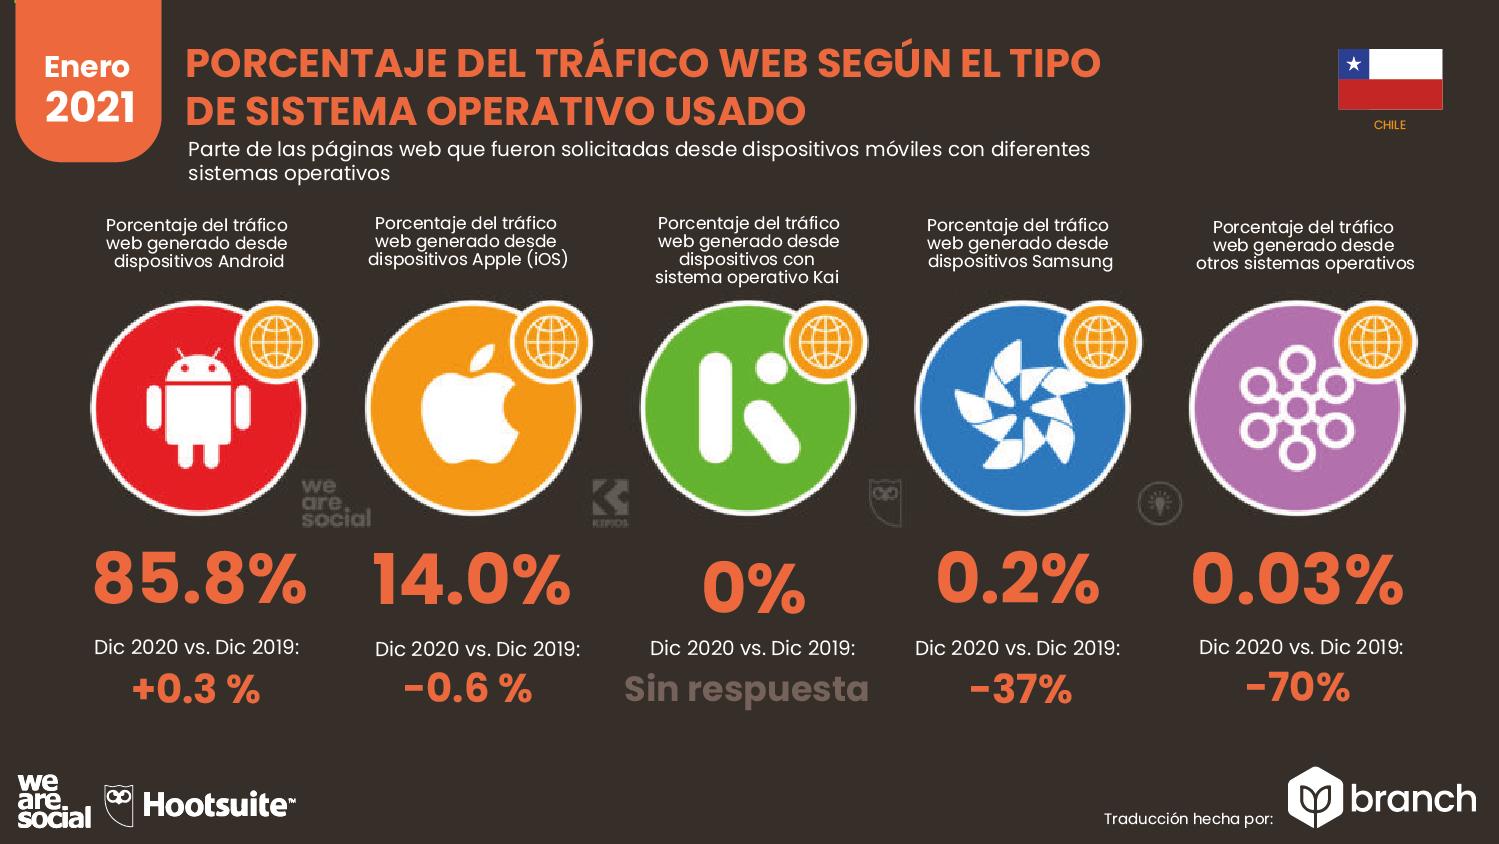 trafico-web-por-sistema-operativo-chile-2020-2021